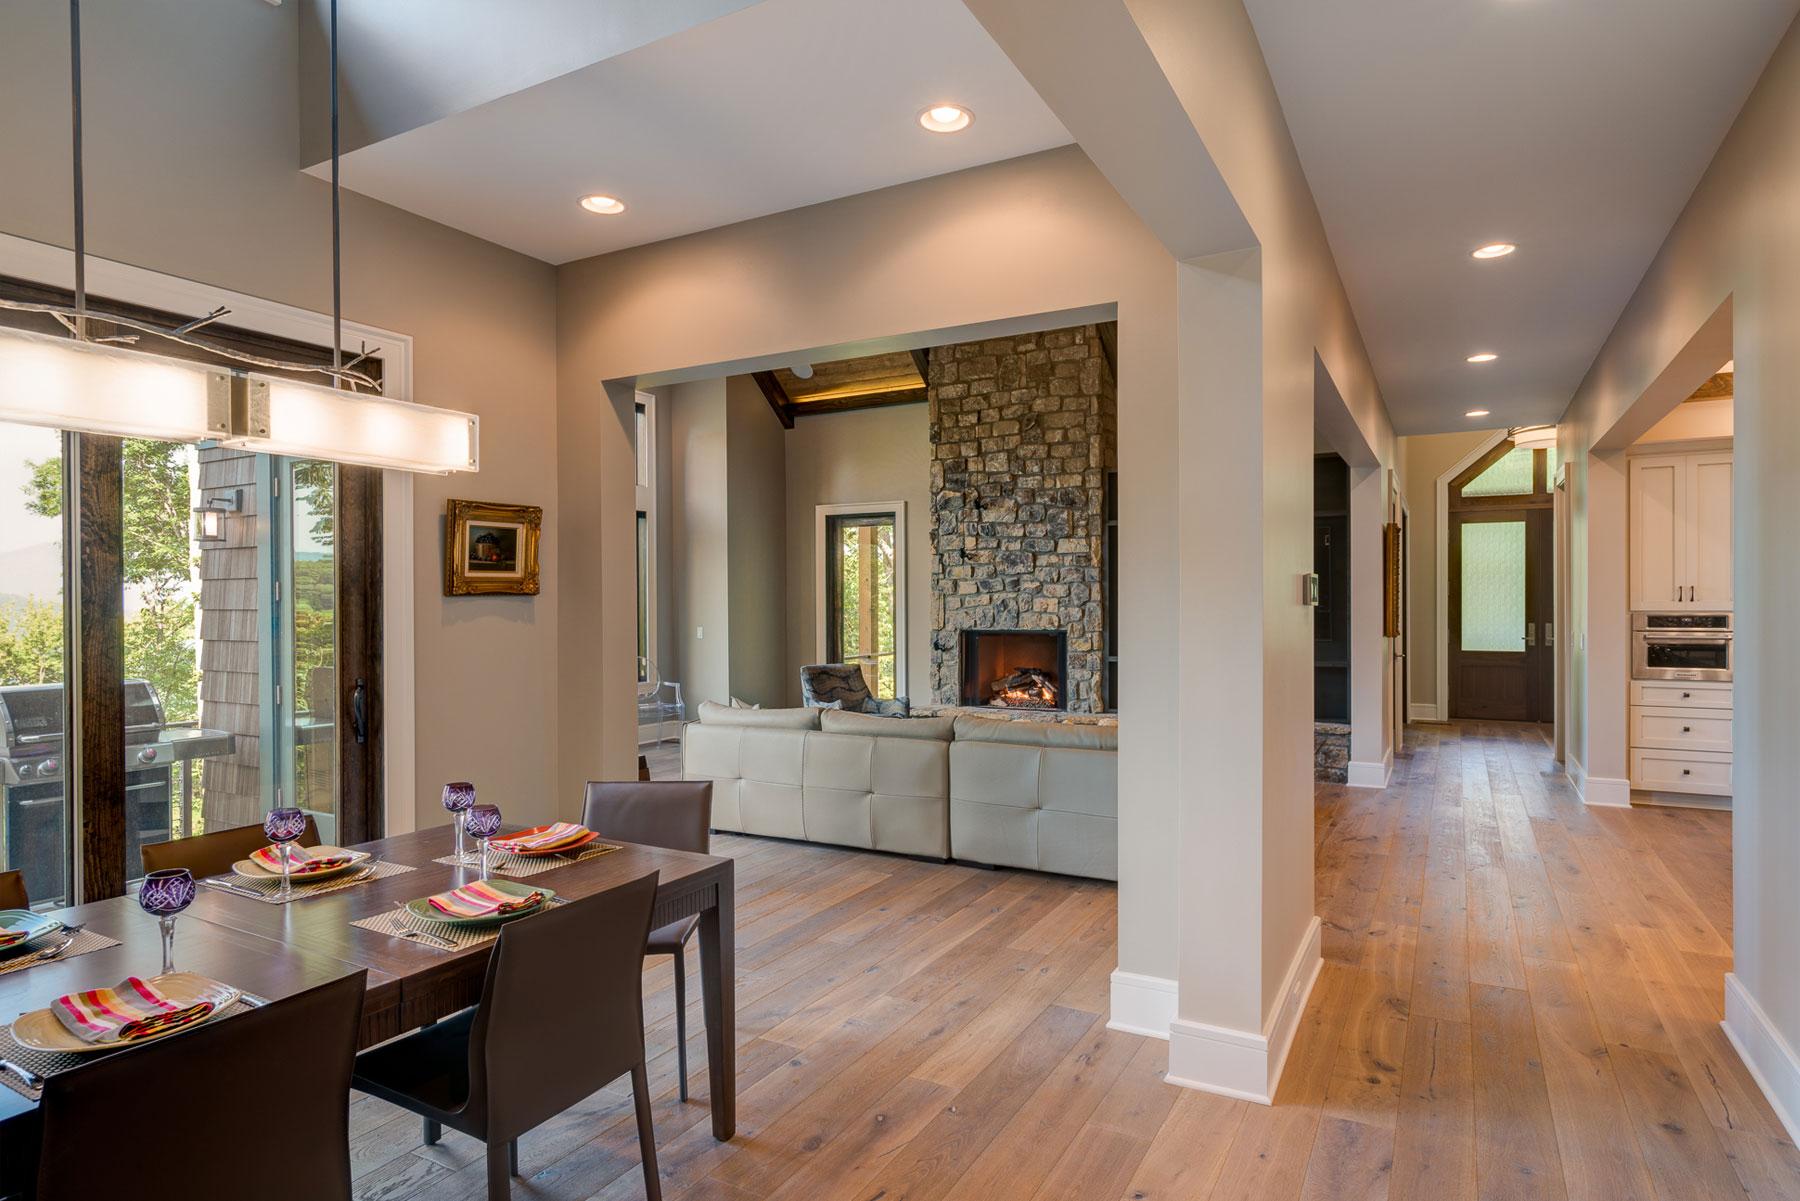 interior-modern-mountain-home